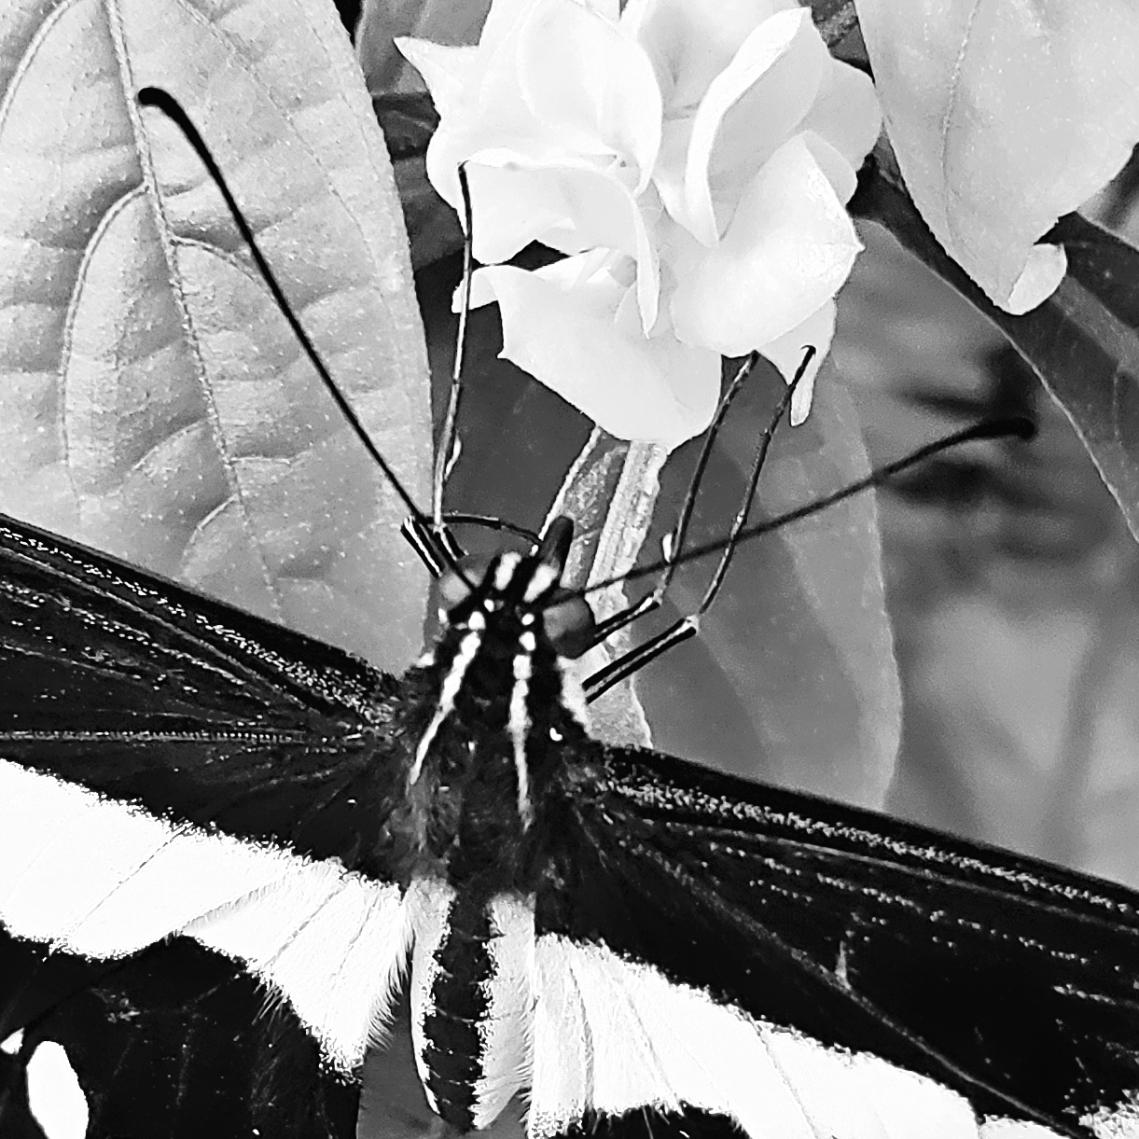 00-butterfly-5-20180429_142909_Mmacro